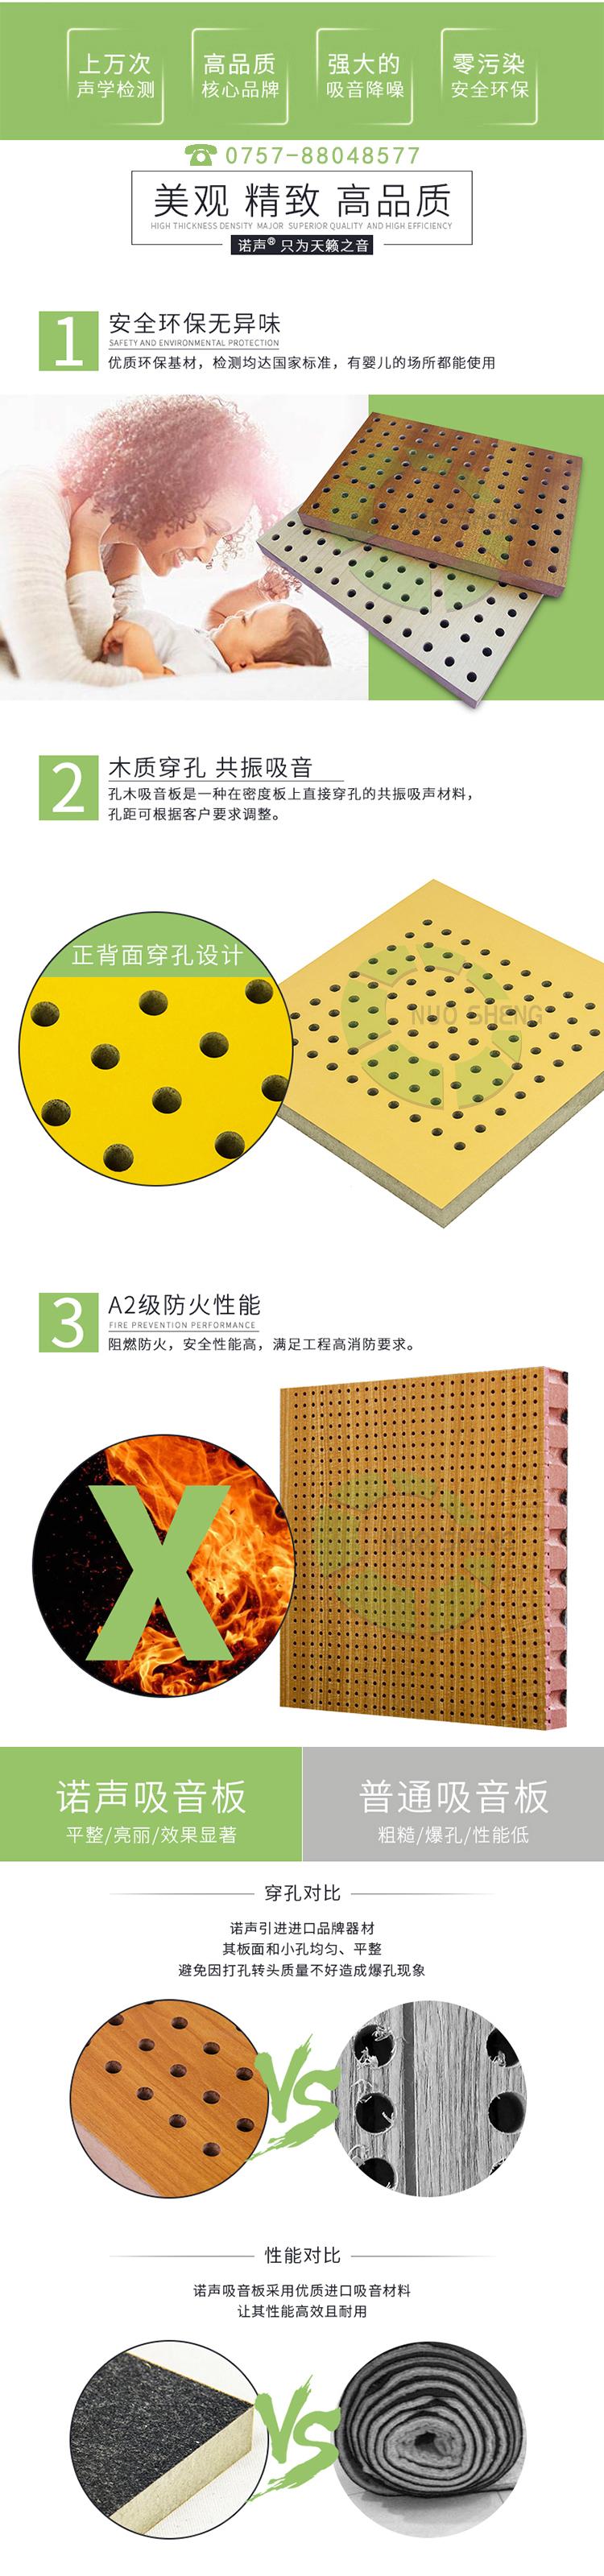 微孔吸音板产品优势